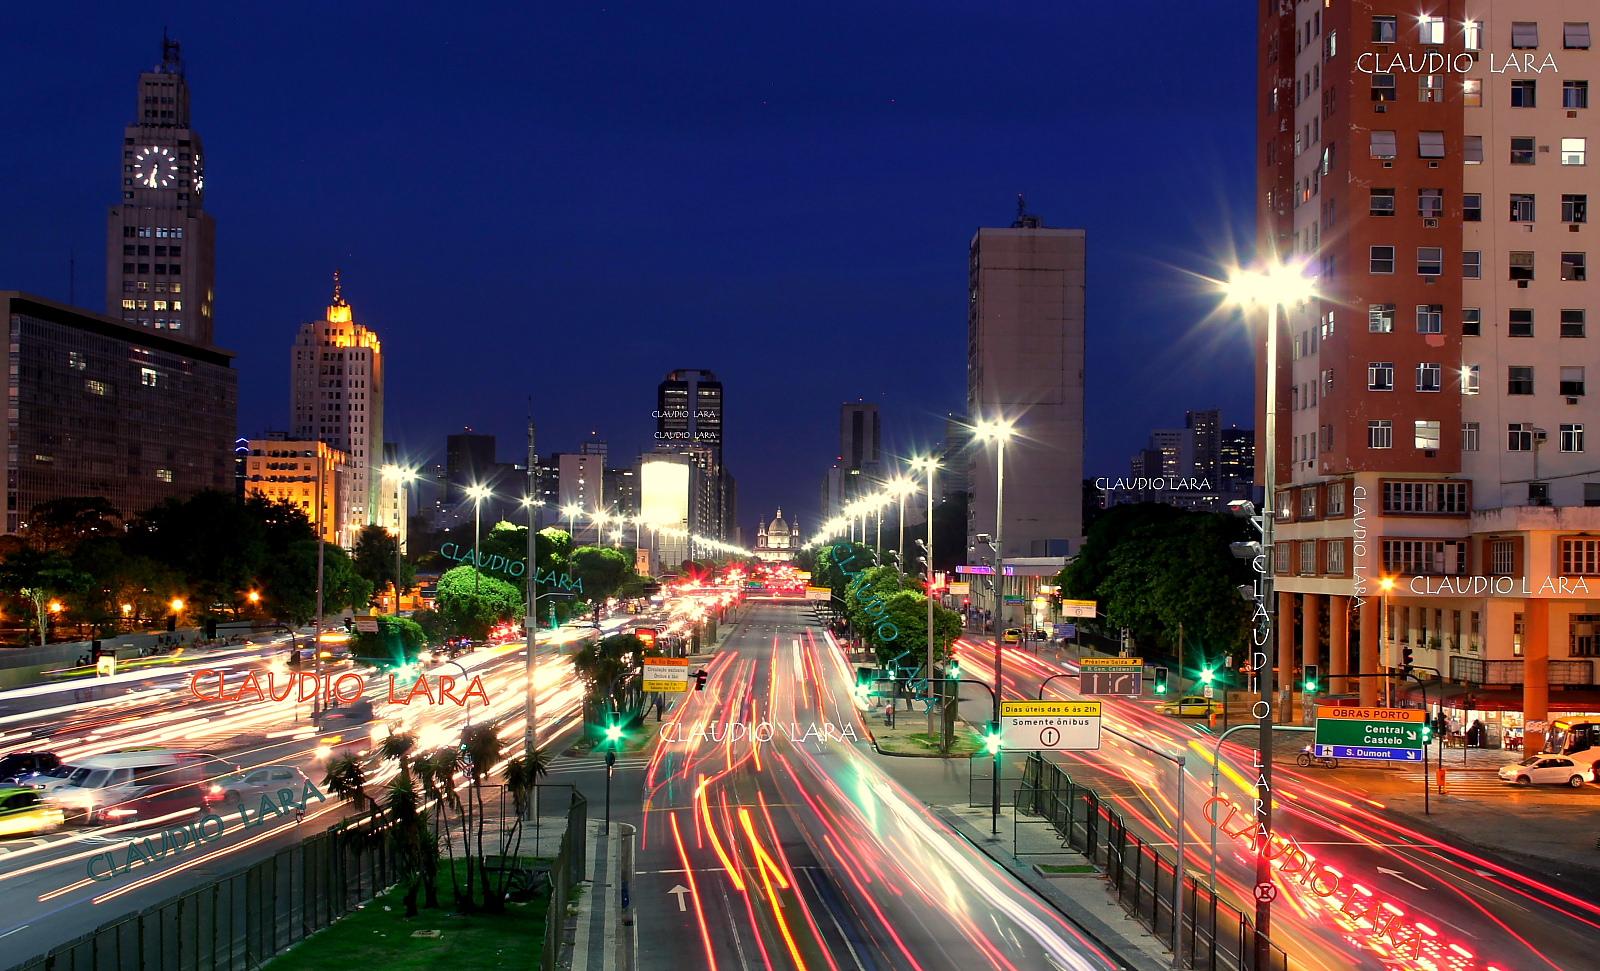 Avenida Presidente Vargas - 1600x971